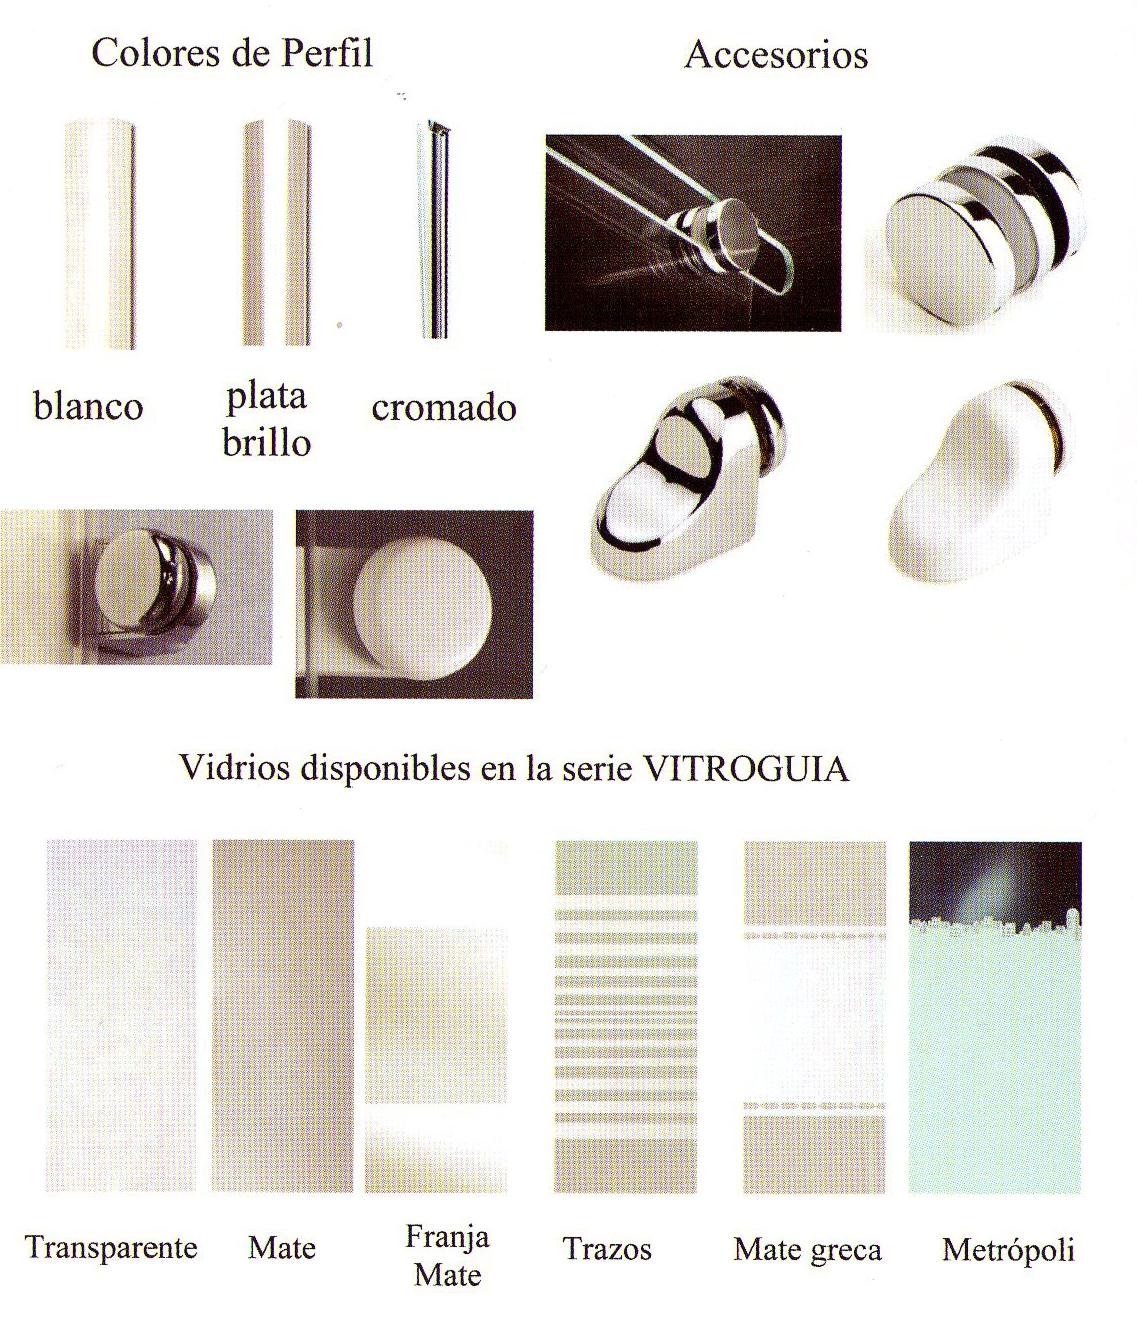 Hermoso accesorios mamparas de ba o im genes platos de for Rodamientos mamparas de ducha